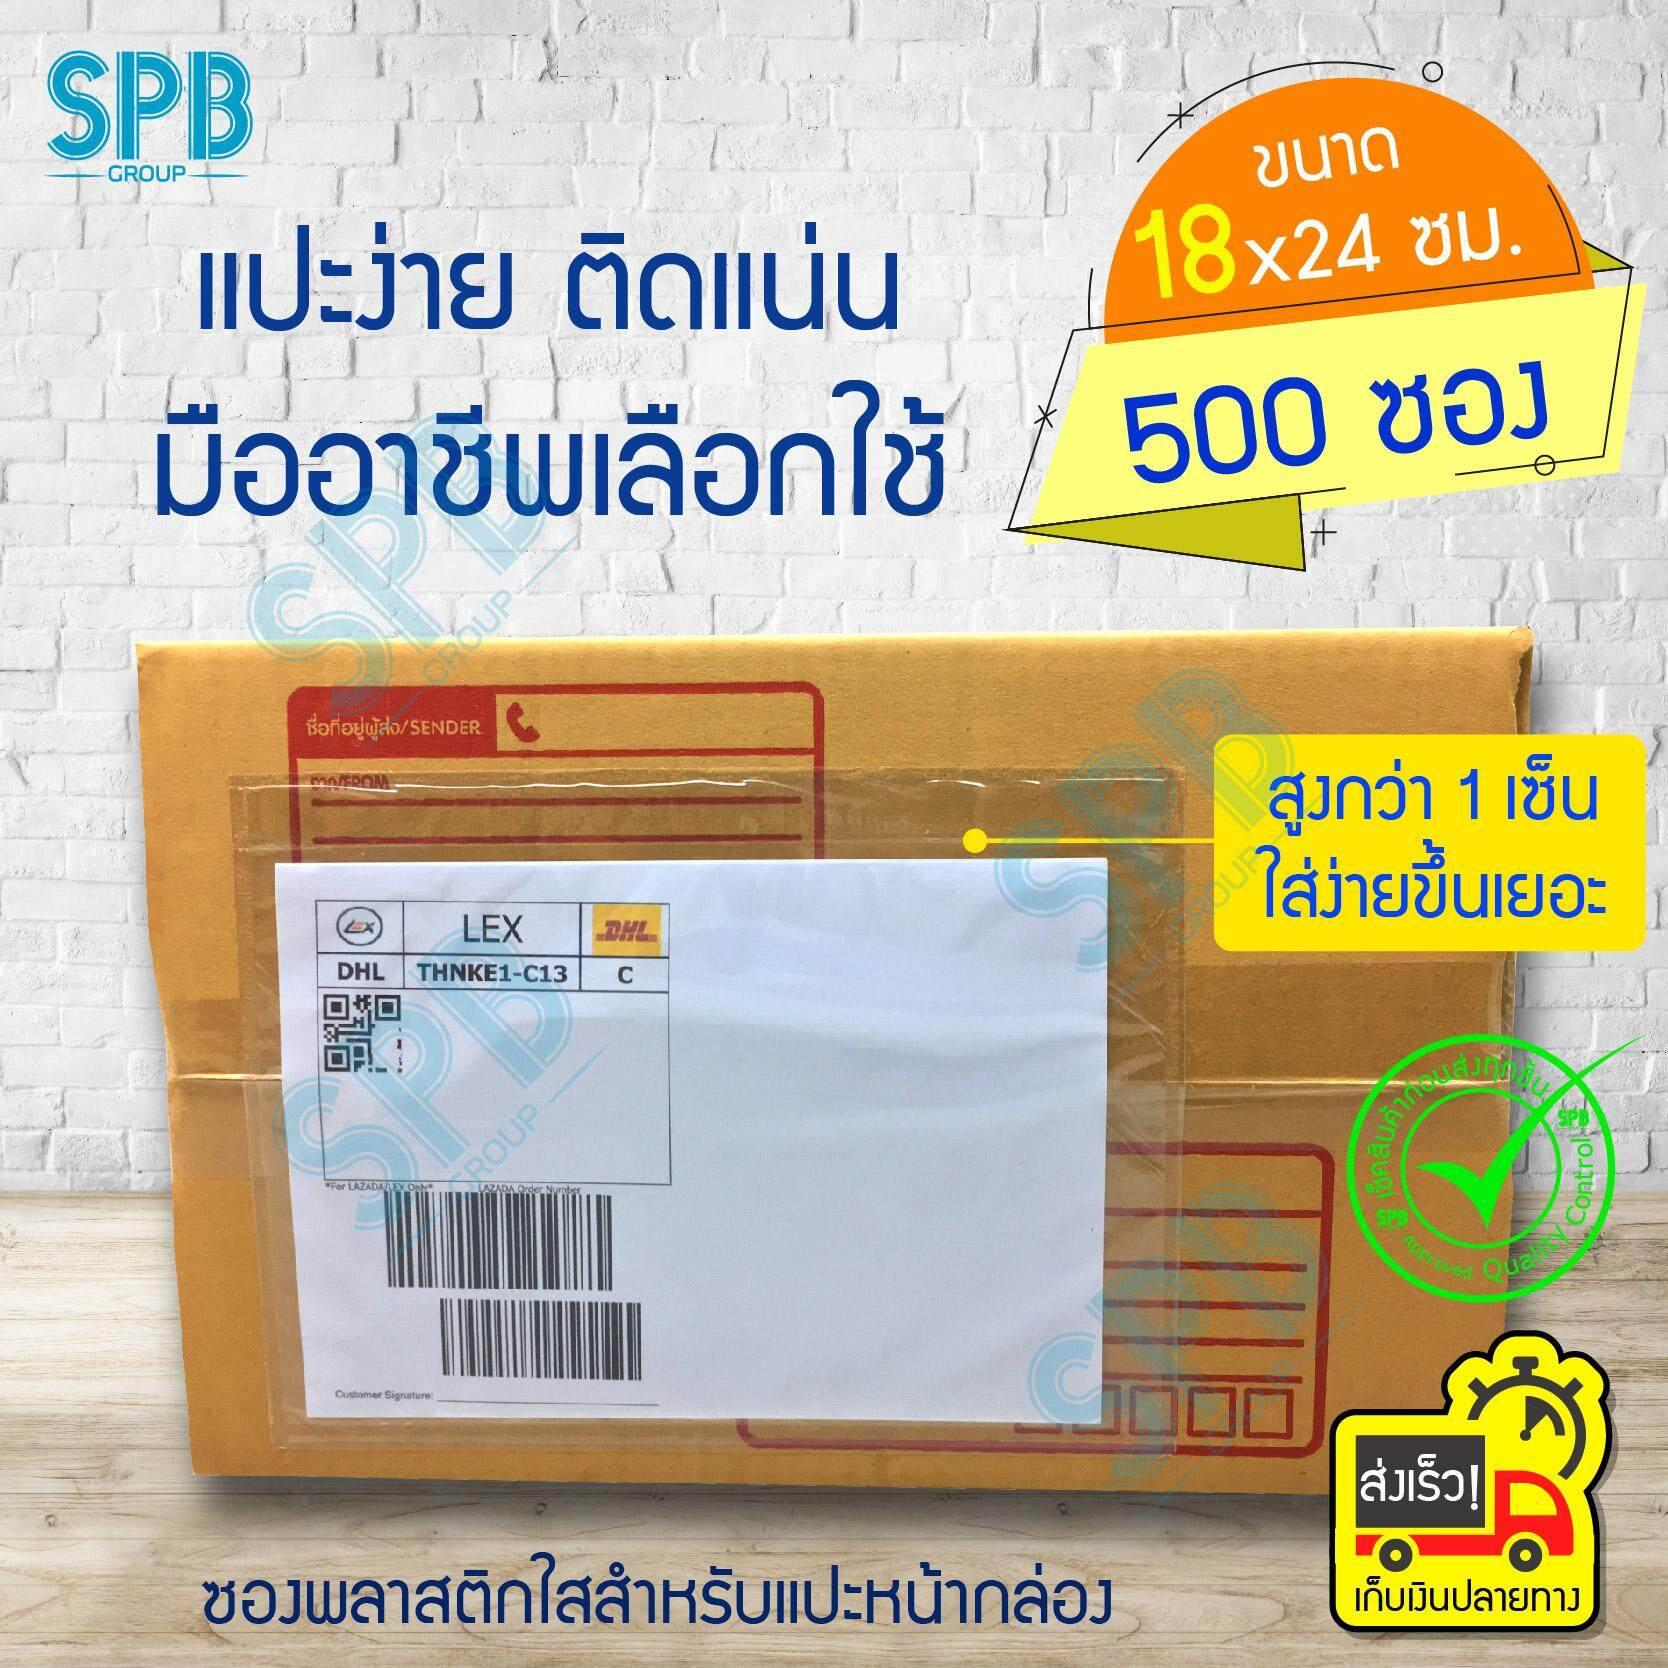 เก็บเงินปลายทางได้ SPB [500 ซอง] ซองพลาสติกใสหลังกาว ขนาด 18x24 ซม. A5 ซองใส แปะหน้ากล่อง ซองพลาสติกใส สำหรับใส่เอกสาร  เพ๊า เพ๊าท์ เพ้า ปะหน้ากล่องพัสดุ ธุรกิจออนไลน์ สติ๊กเกอร์แปะหน้ากล่อง ซองใส่กระ